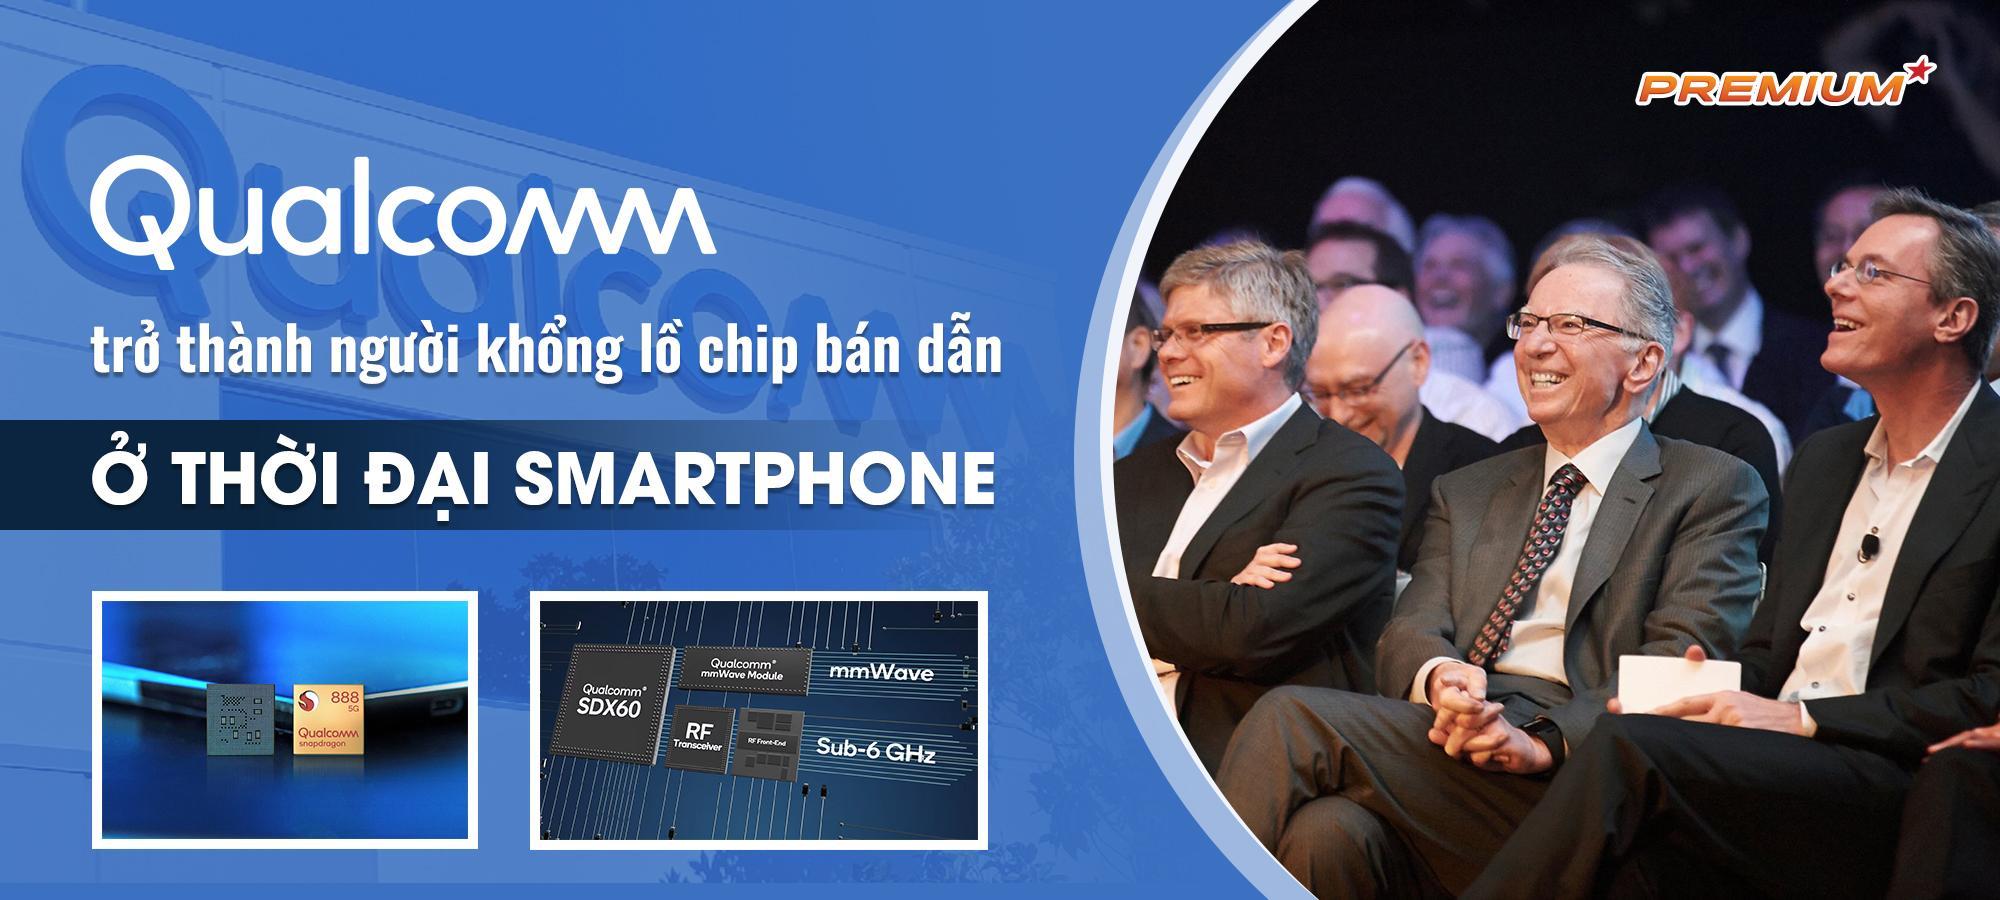 Qualcomm trở thành người khổng lồ chip bán dẫn ở thời đại smartphone